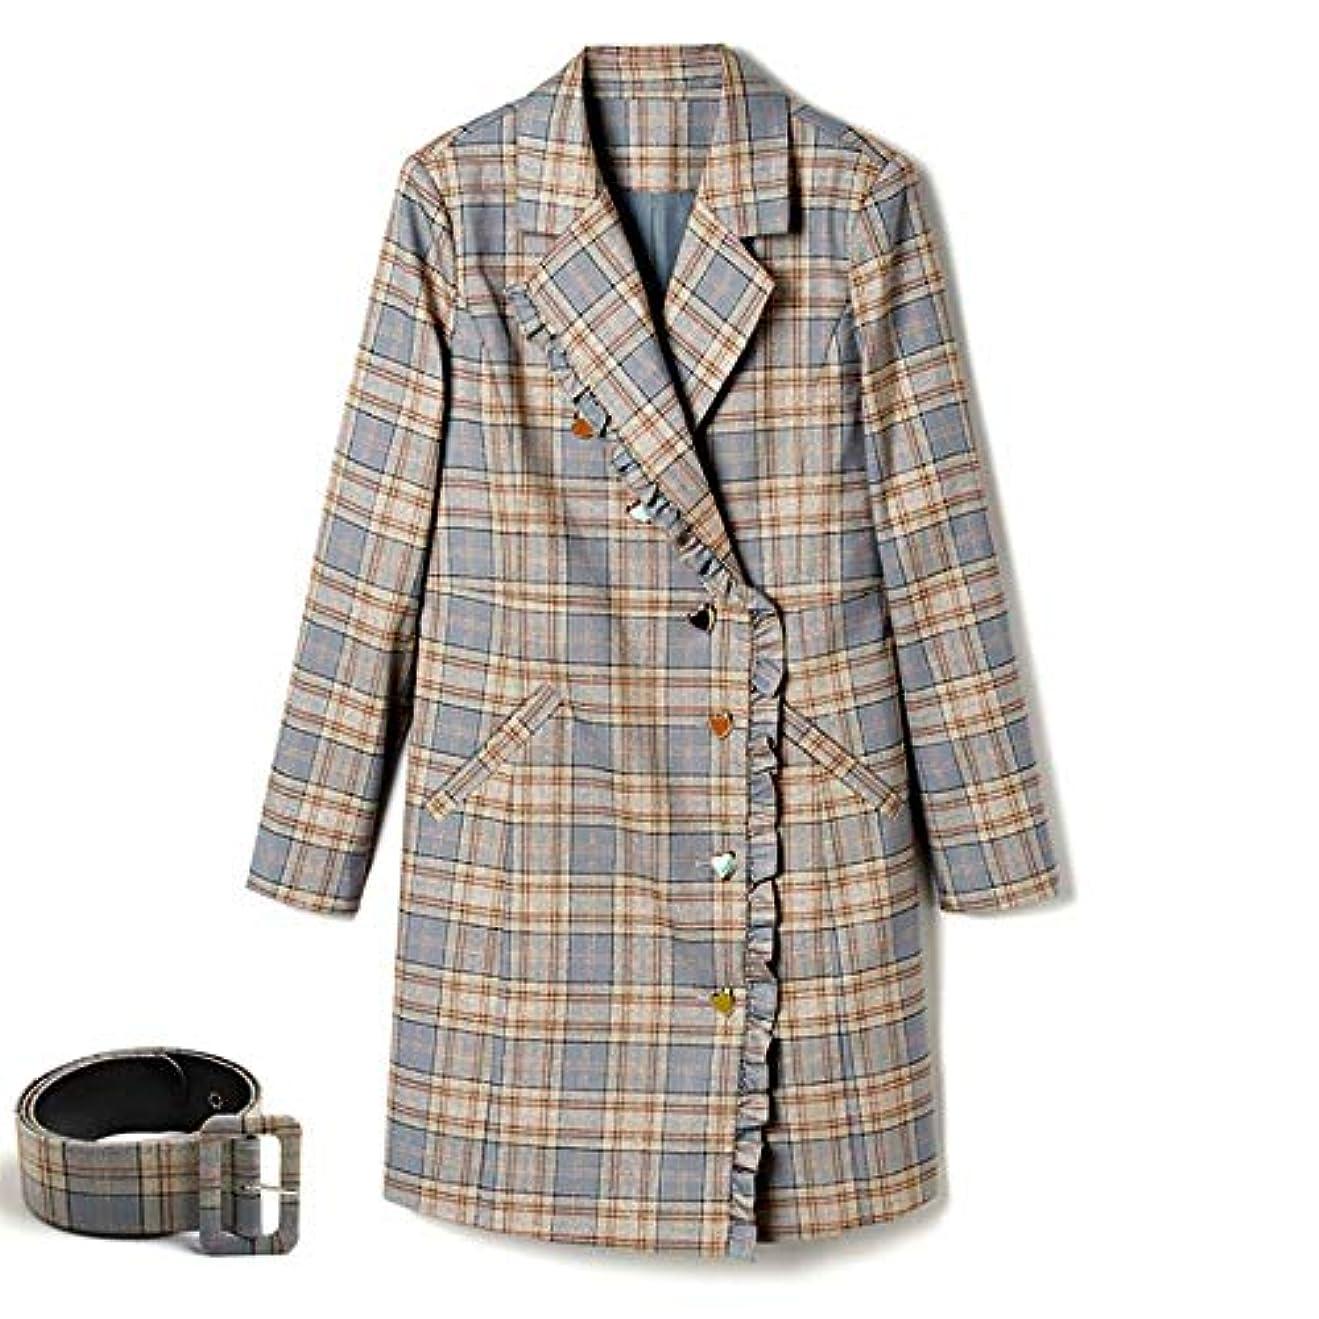 書士賭け確かな秋の女性のコート、新しいウインドブレーカージャケットラペルベルトロングコートウエストジャケット薄いコートレディースコートレディースウインドブレーカージャケット,M